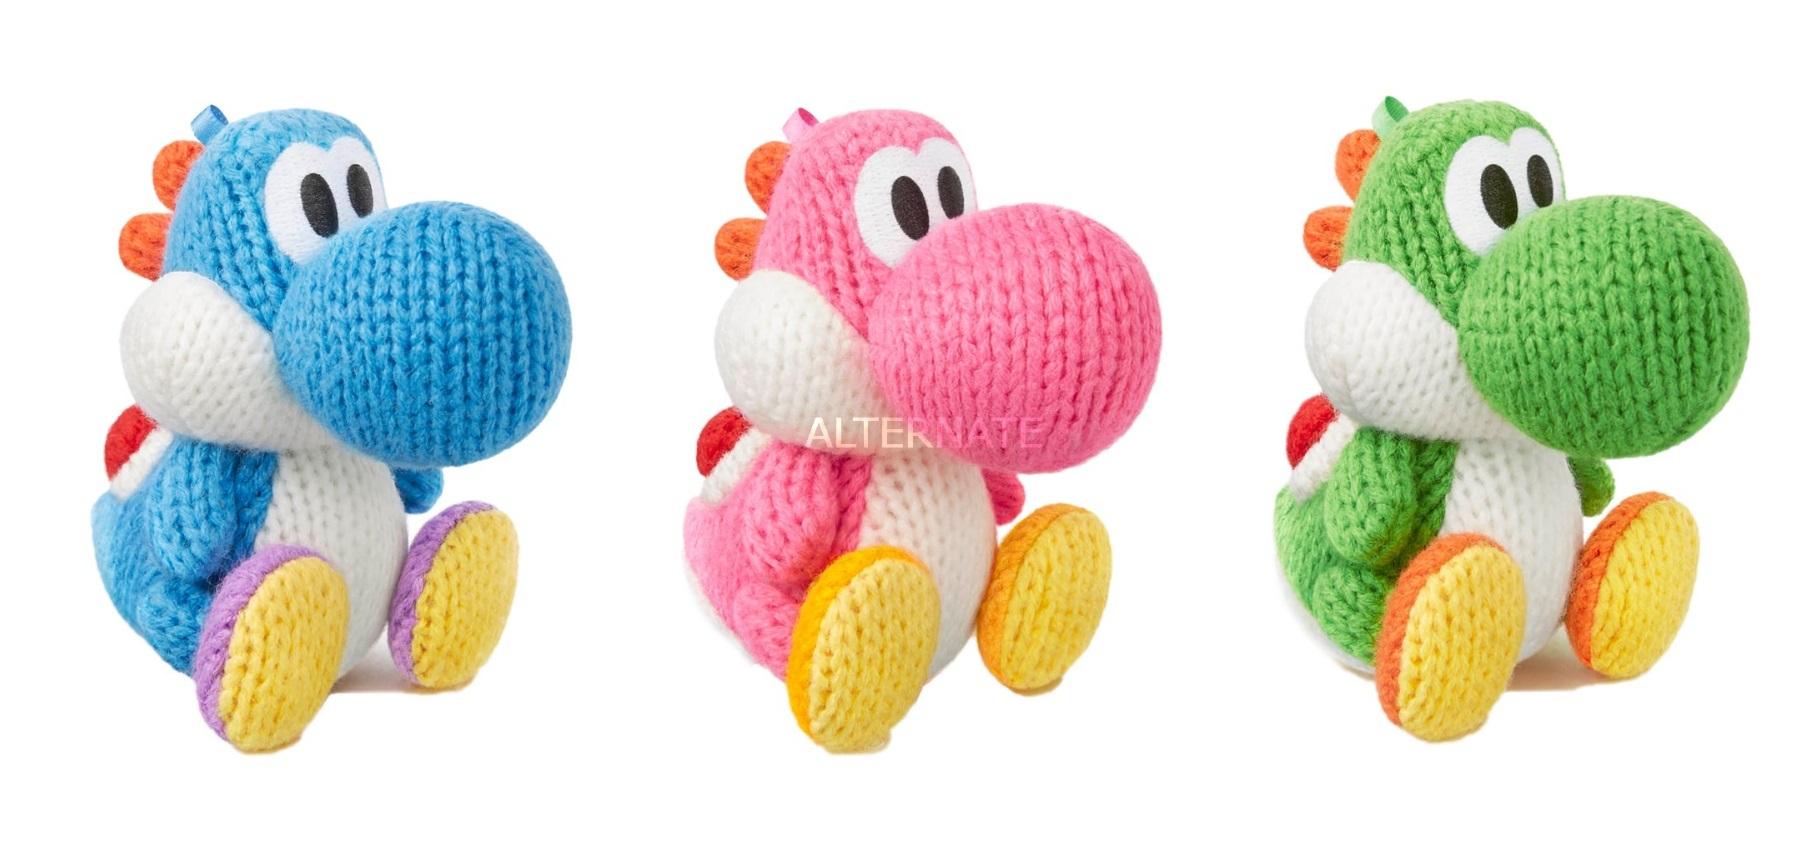 Nintendo amiibo Woll-Yoshi in drei Farben (grün, blau, pink) für je 8,98€ [Alternate]